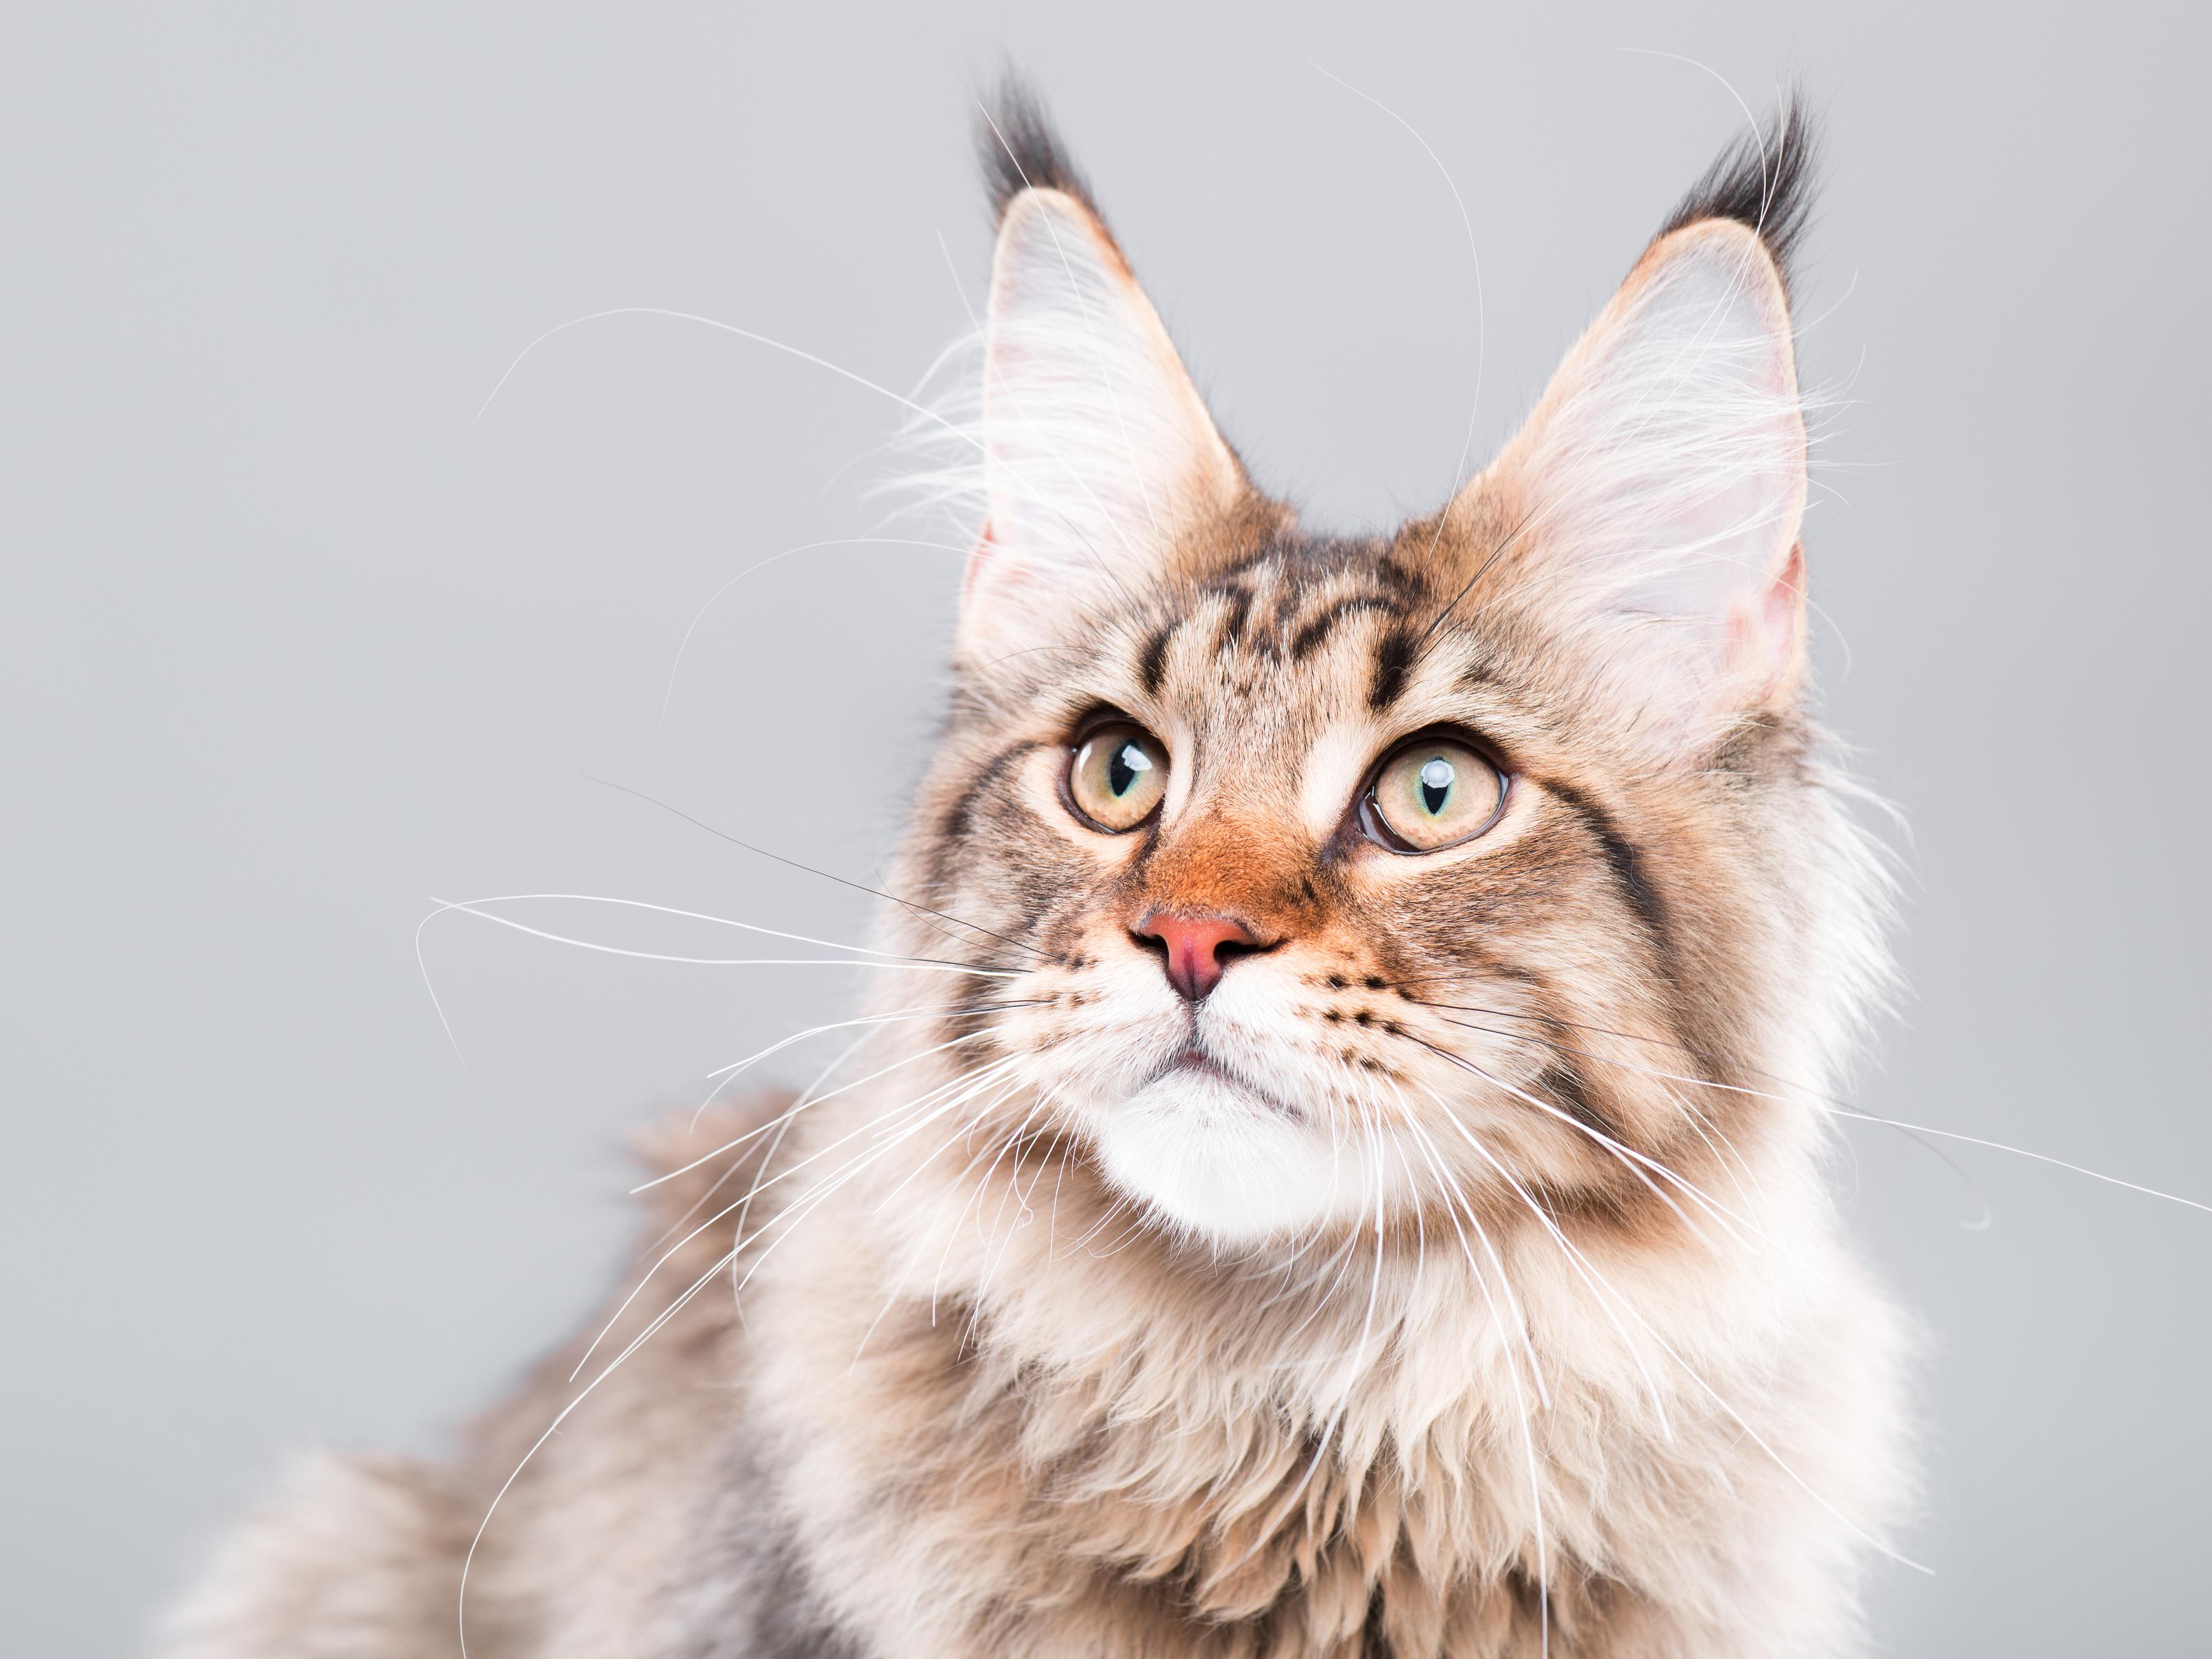 slike mladih maca